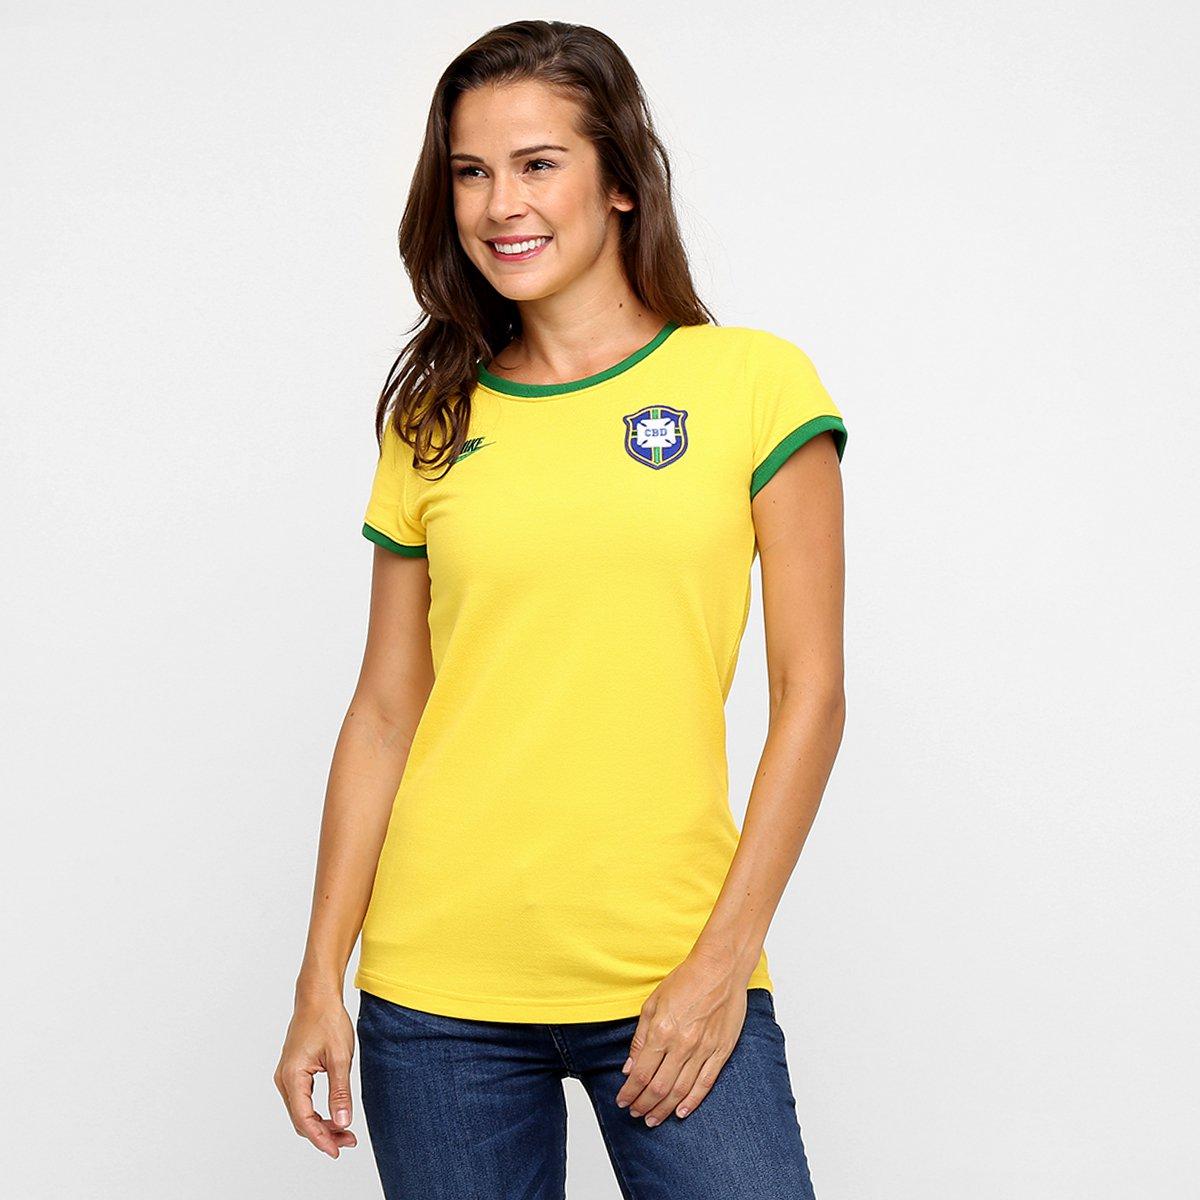 4b074af6fd169 Camiseta Feminina Nike Seleção Brasil Covert Retrô 2014 - Compre Agora